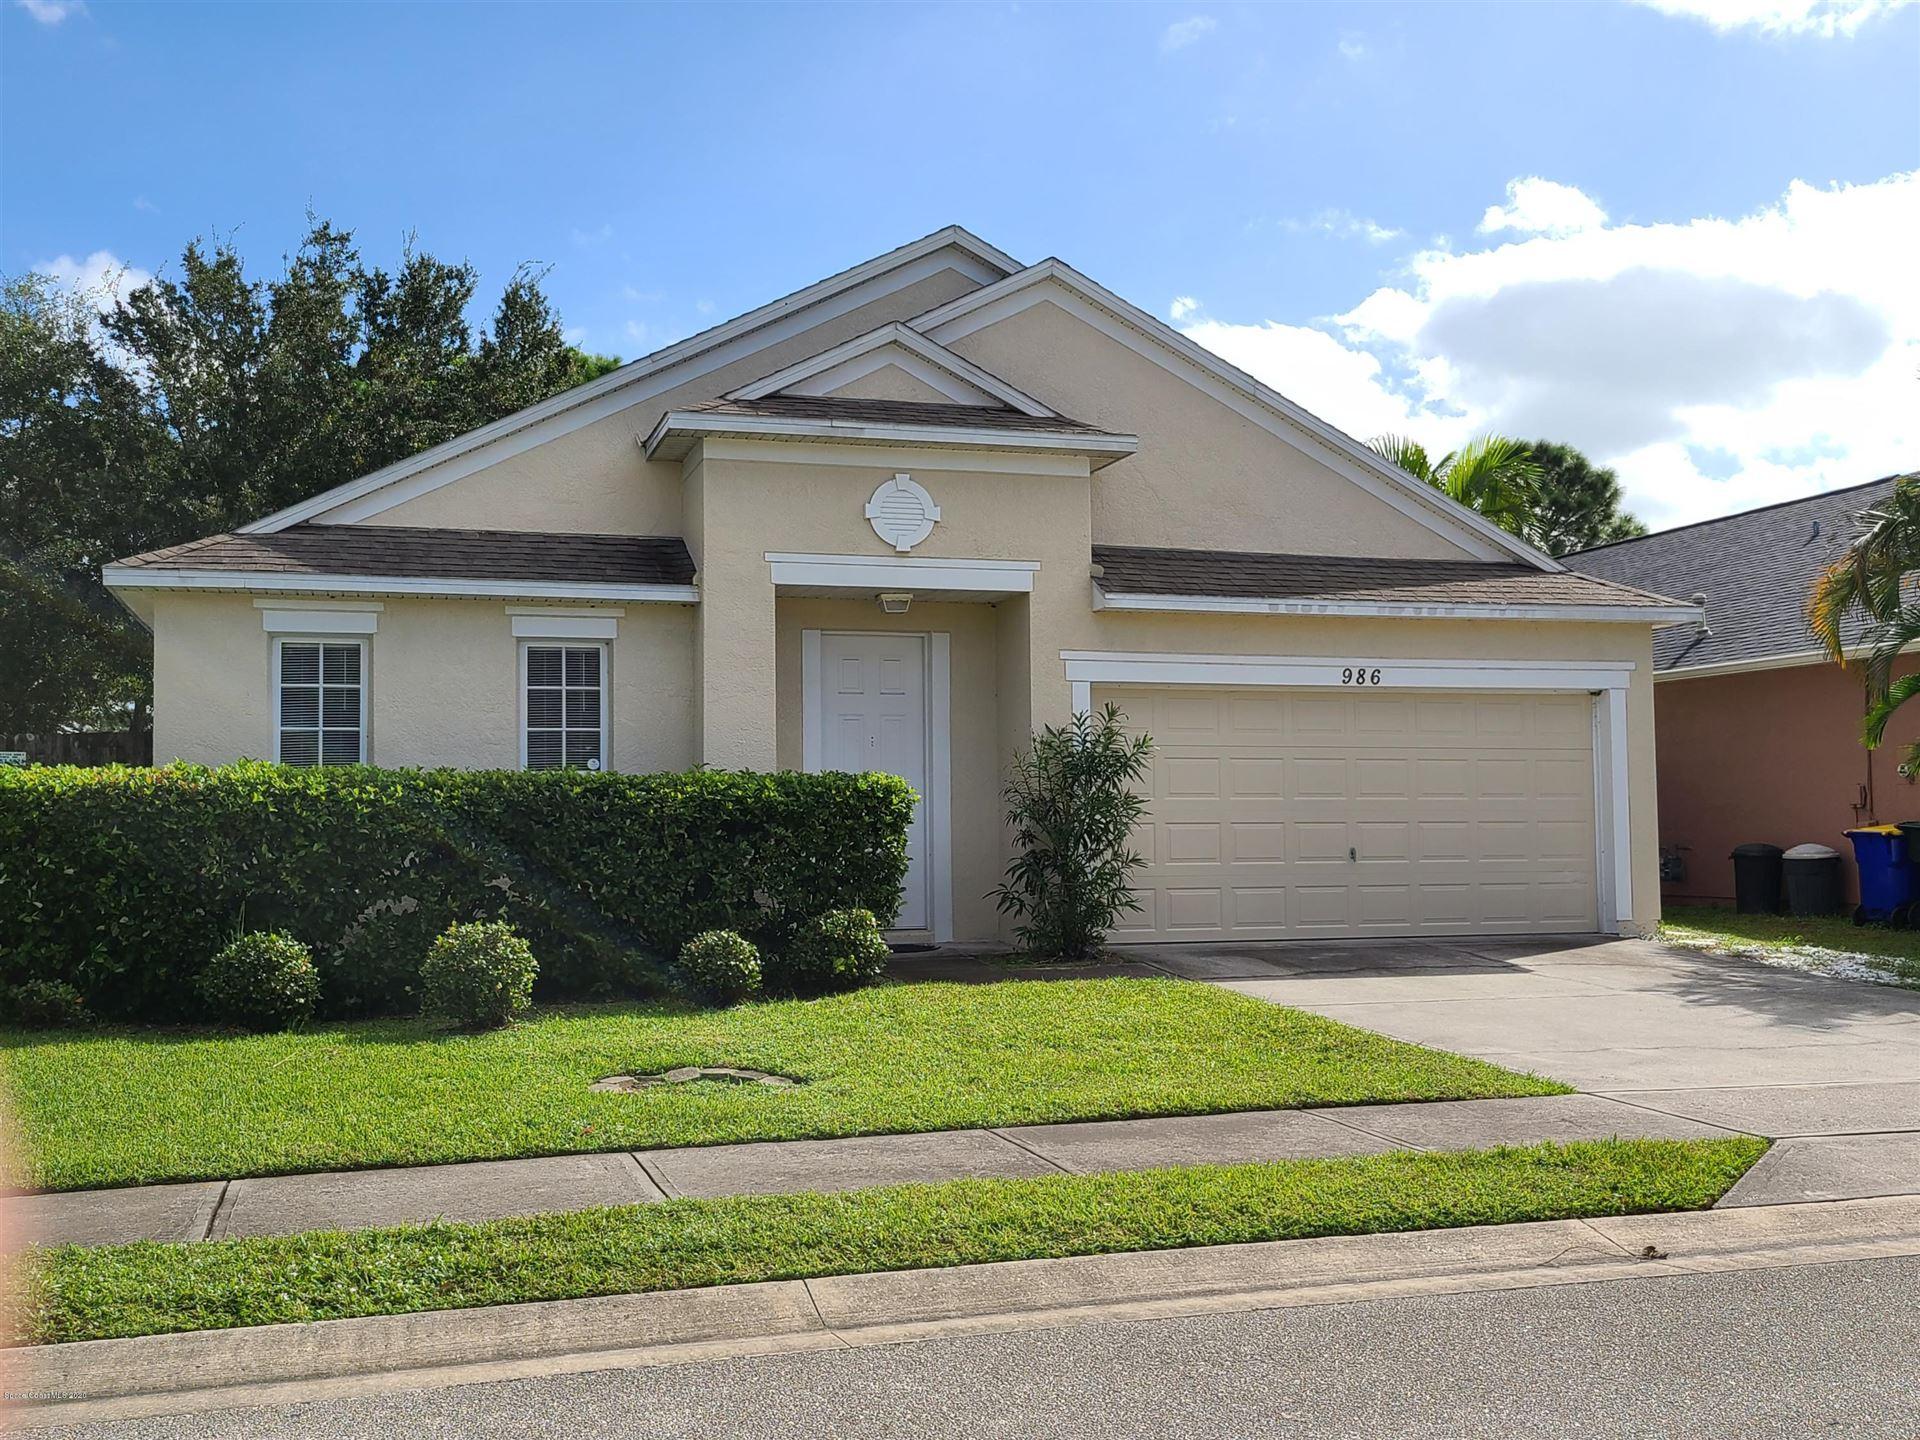 986 Riviera Point Drive, Rockledge, FL 32955 - #: 889390